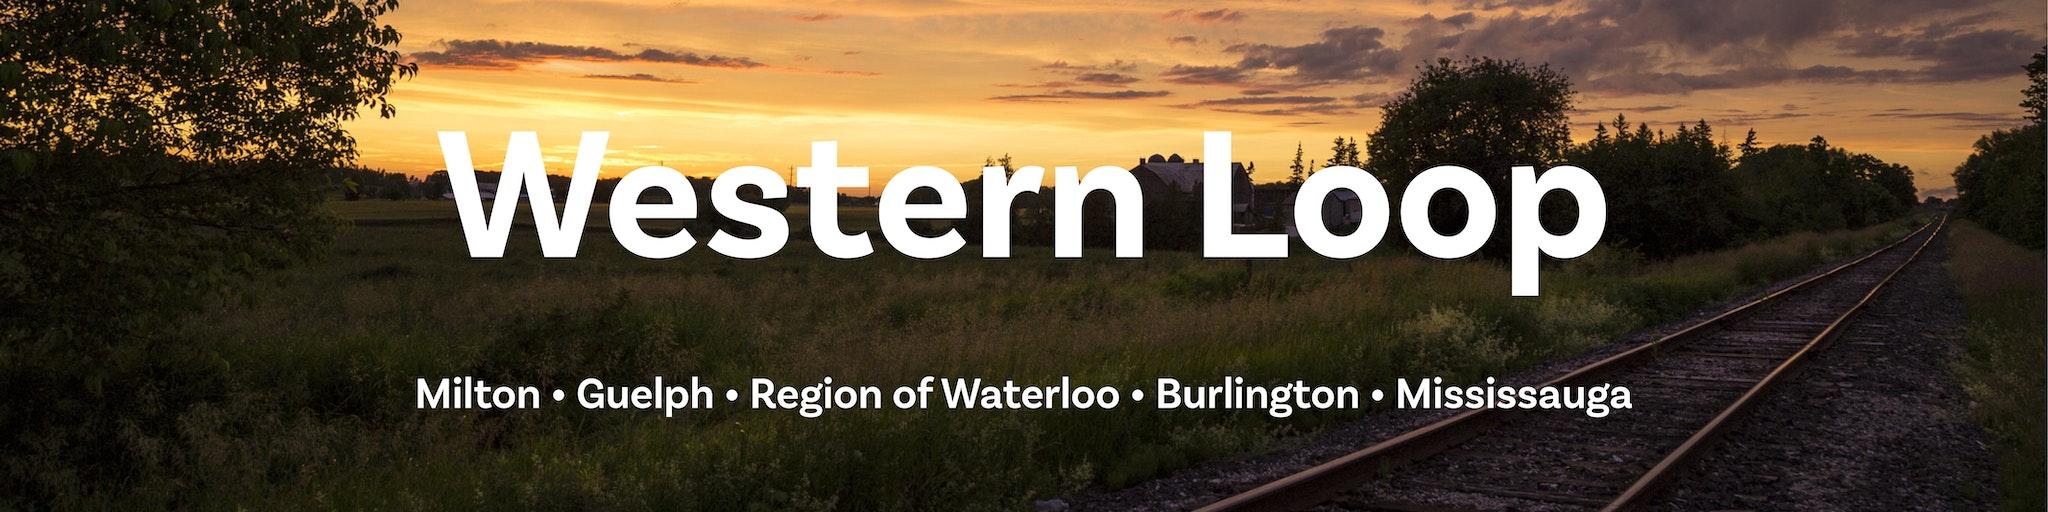 Western Loop